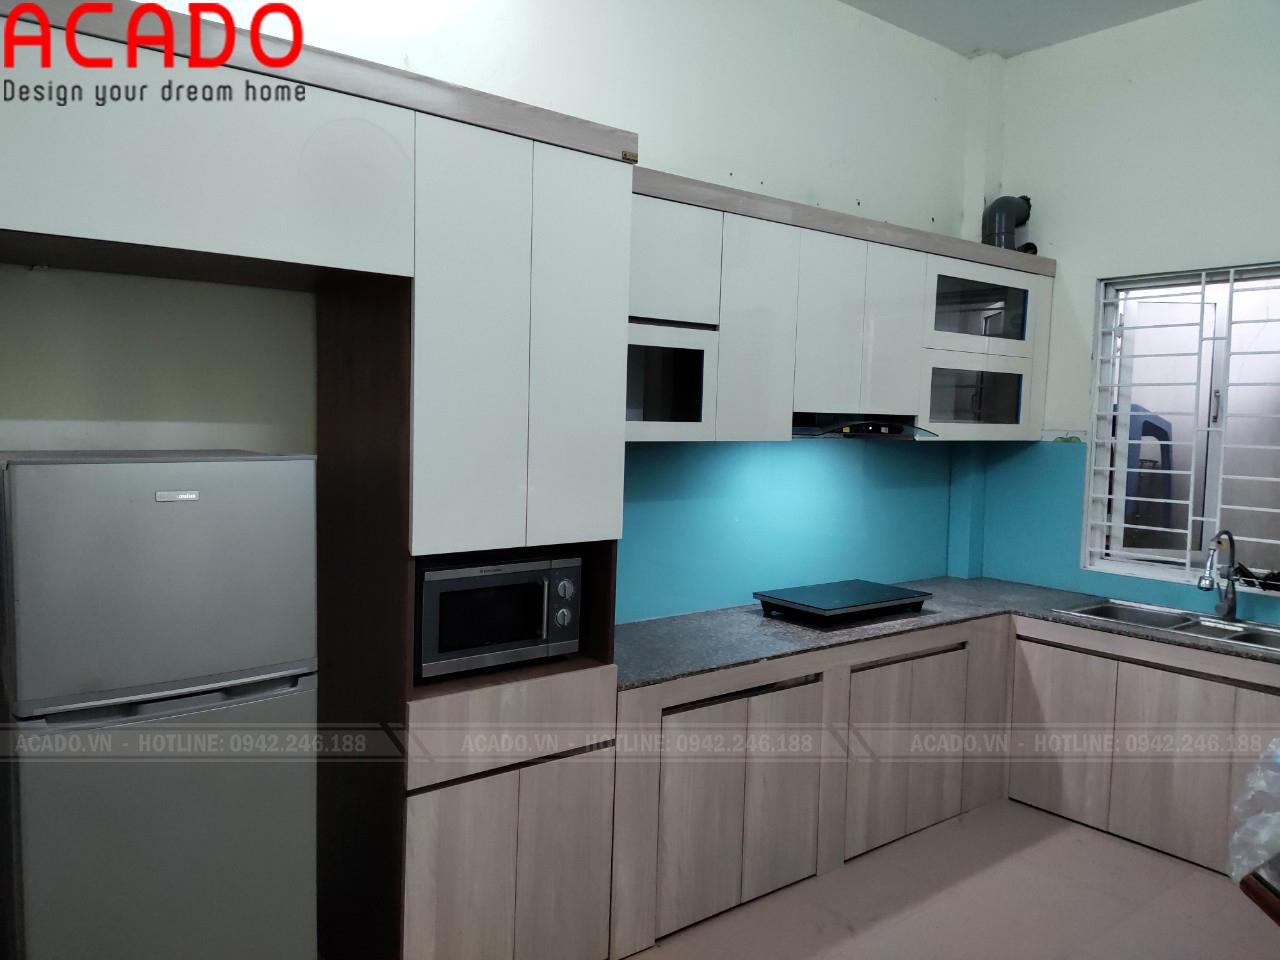 Tủ dưới vân gỗ mang lại tính thẩm mỹ cao, sạch sẽ tiện nghi khi sử dụng - Lắp đặt tủ bếp tại Long Biên